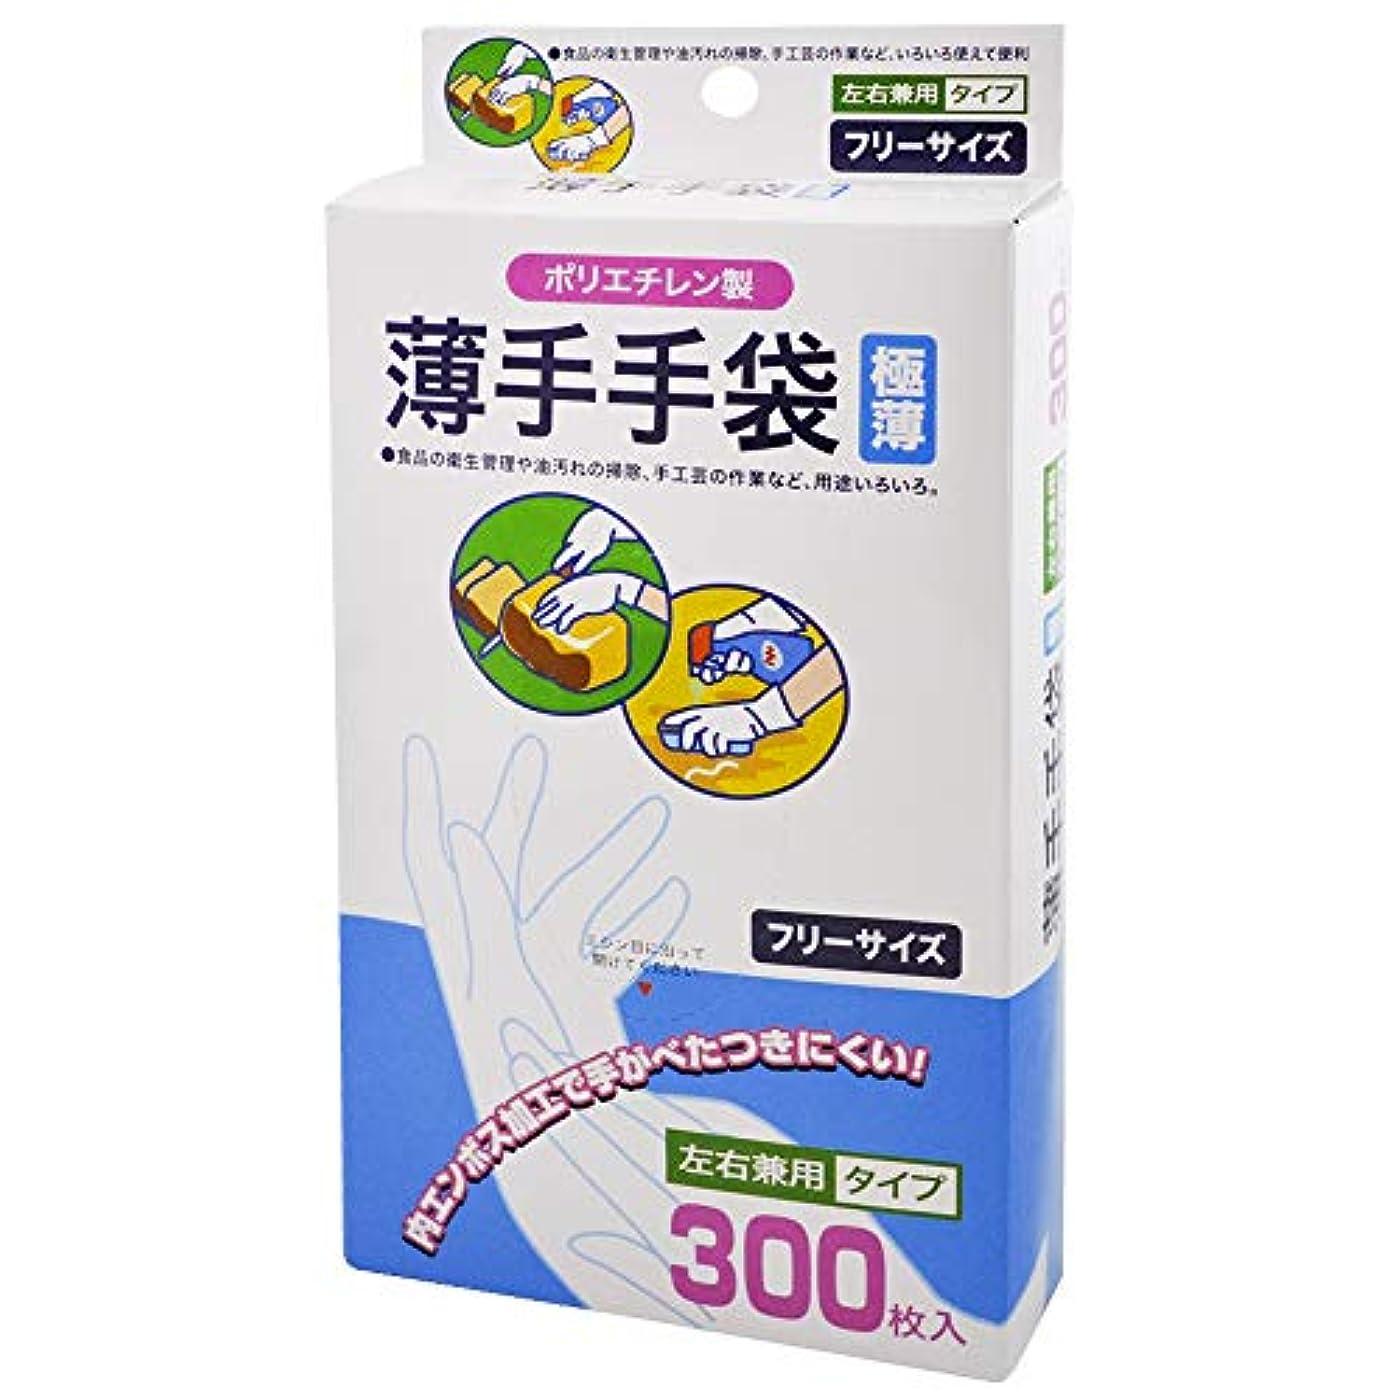 微生物分割薬用ニッコー 使い捨て手袋 薄手 ポリエチレン 製 300枚入 W-30